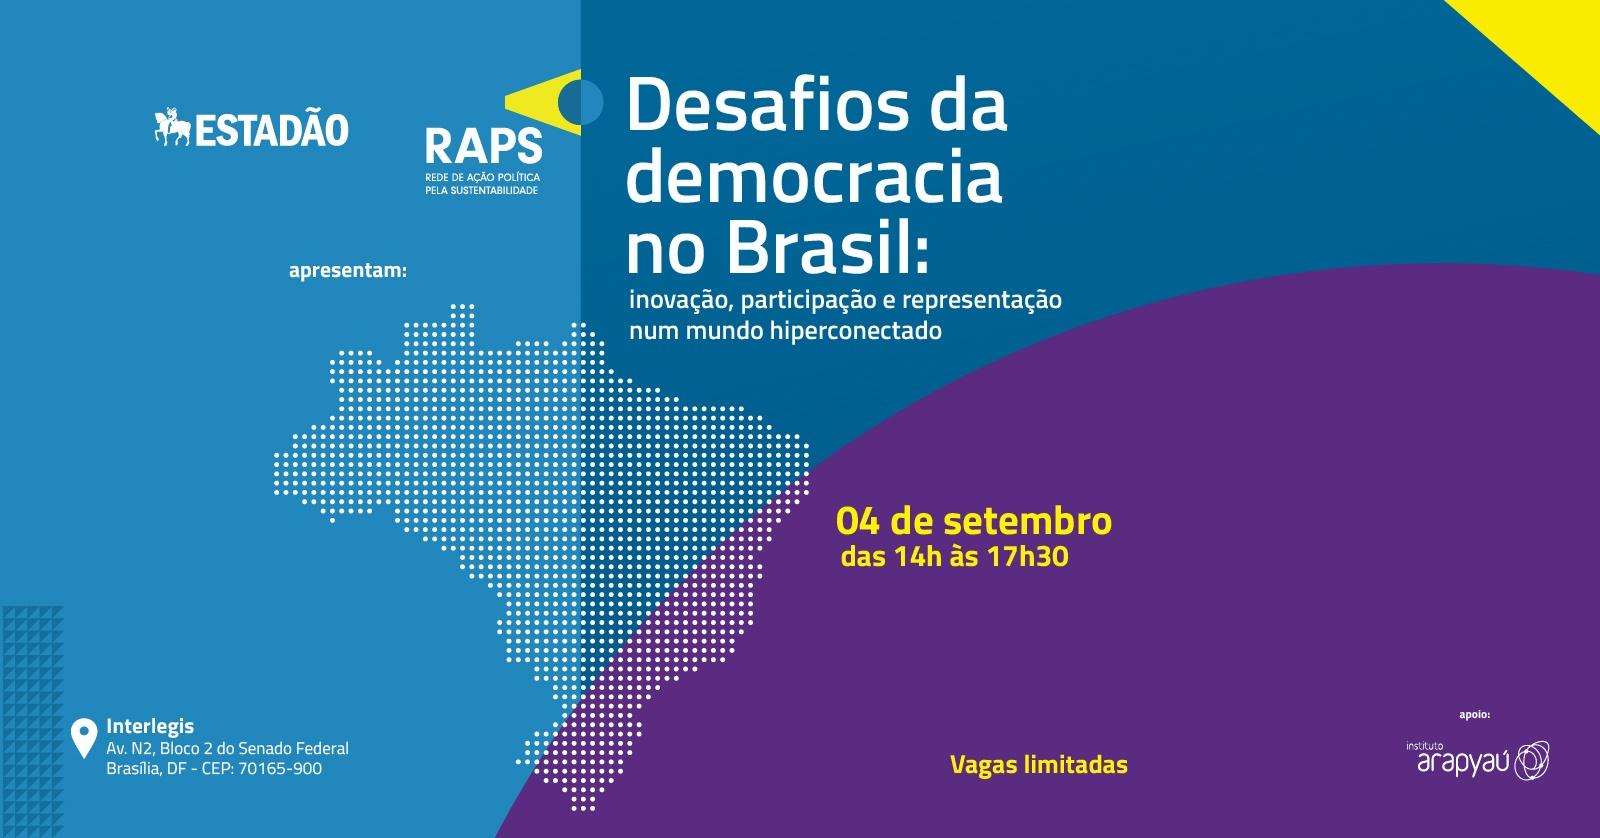 Resultado de imagem para Desafios da democracia no Brasil: inovação, participação e representação num mundo hiperconectado